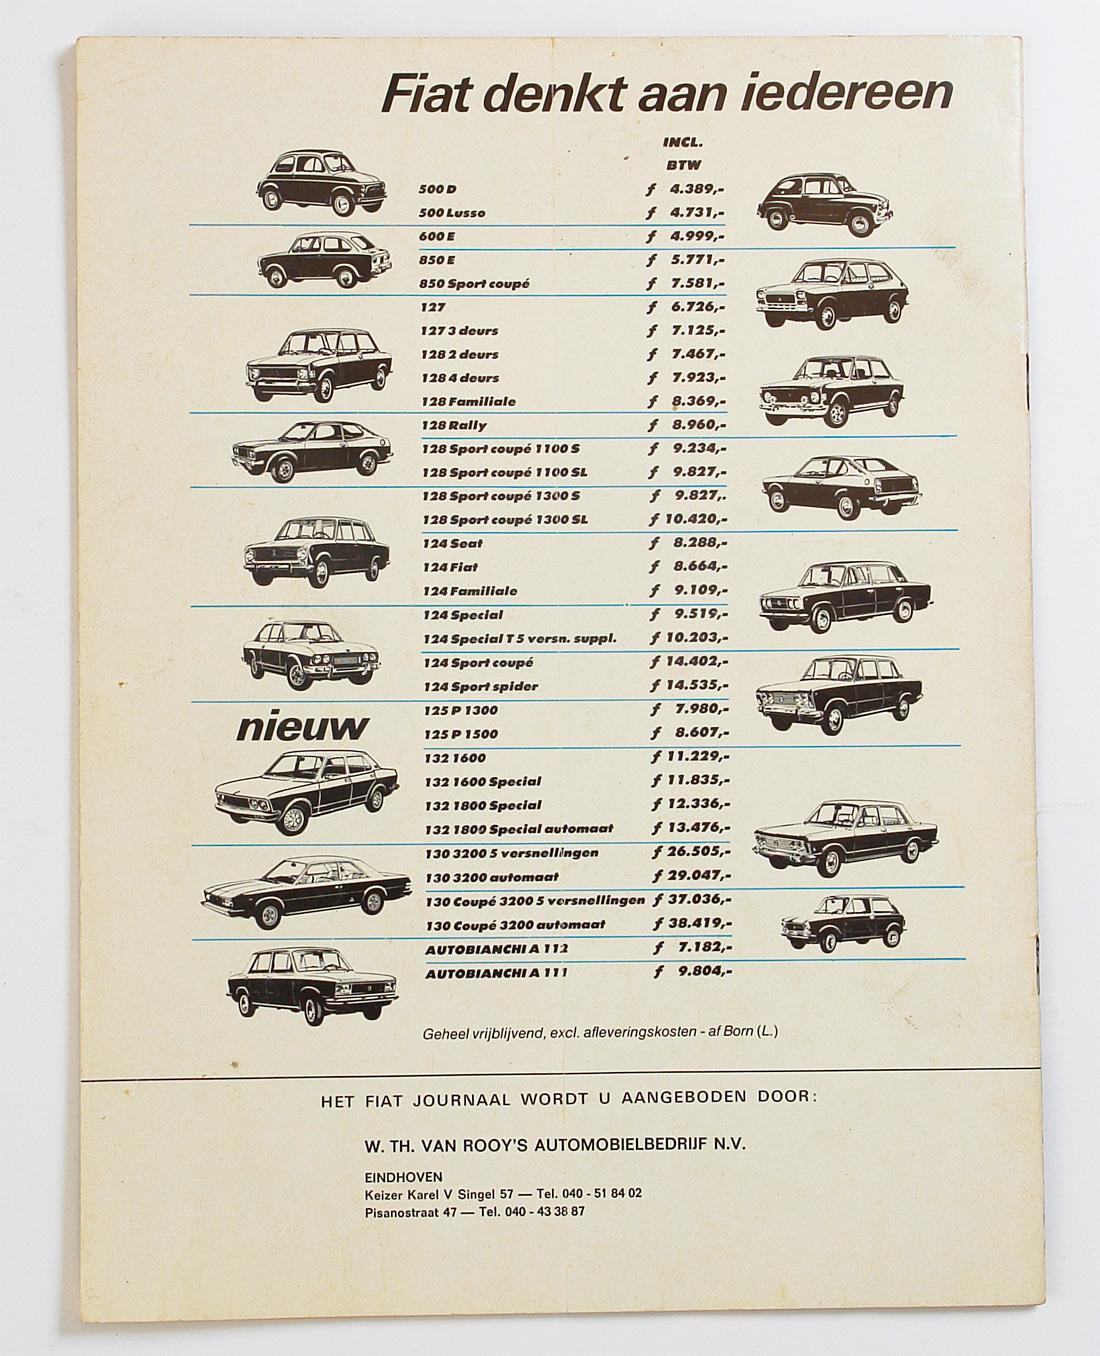 Fiat prijslijst